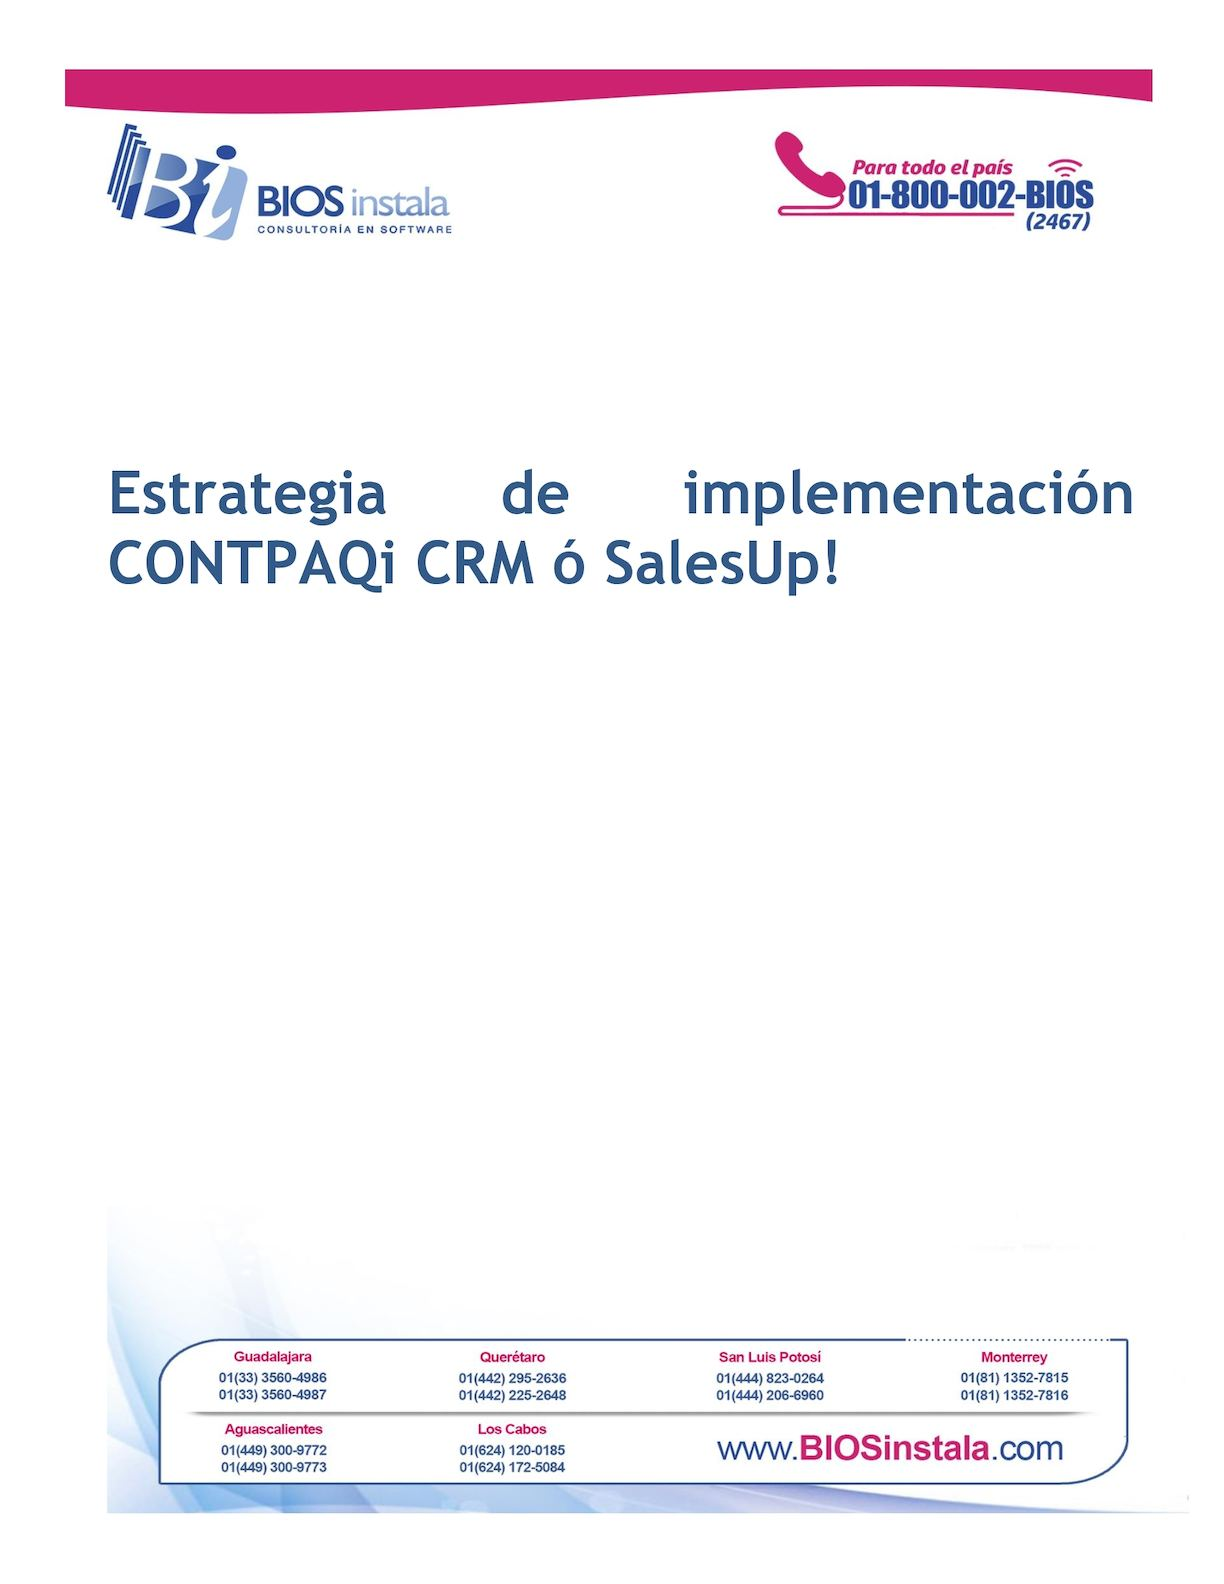 Calaméo - Proyecto De Implementación Crm Euroquip